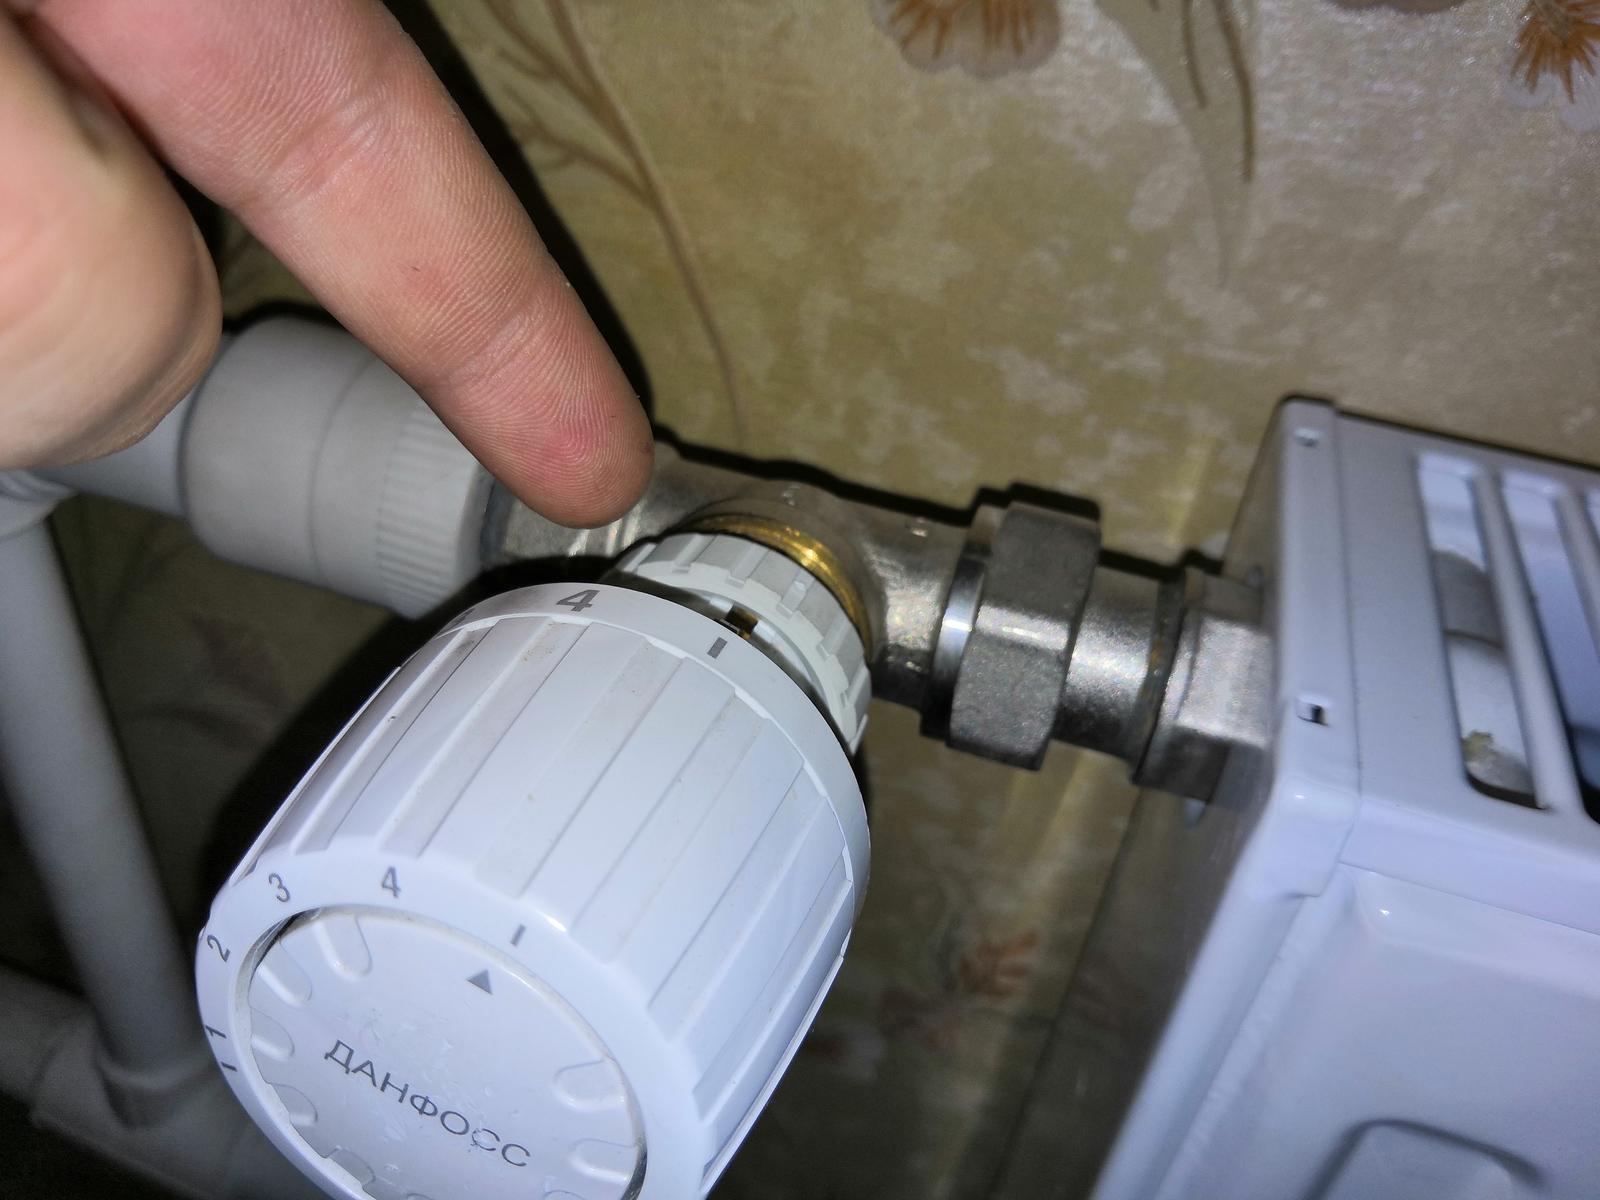 Замена регулятора на батарее отопления